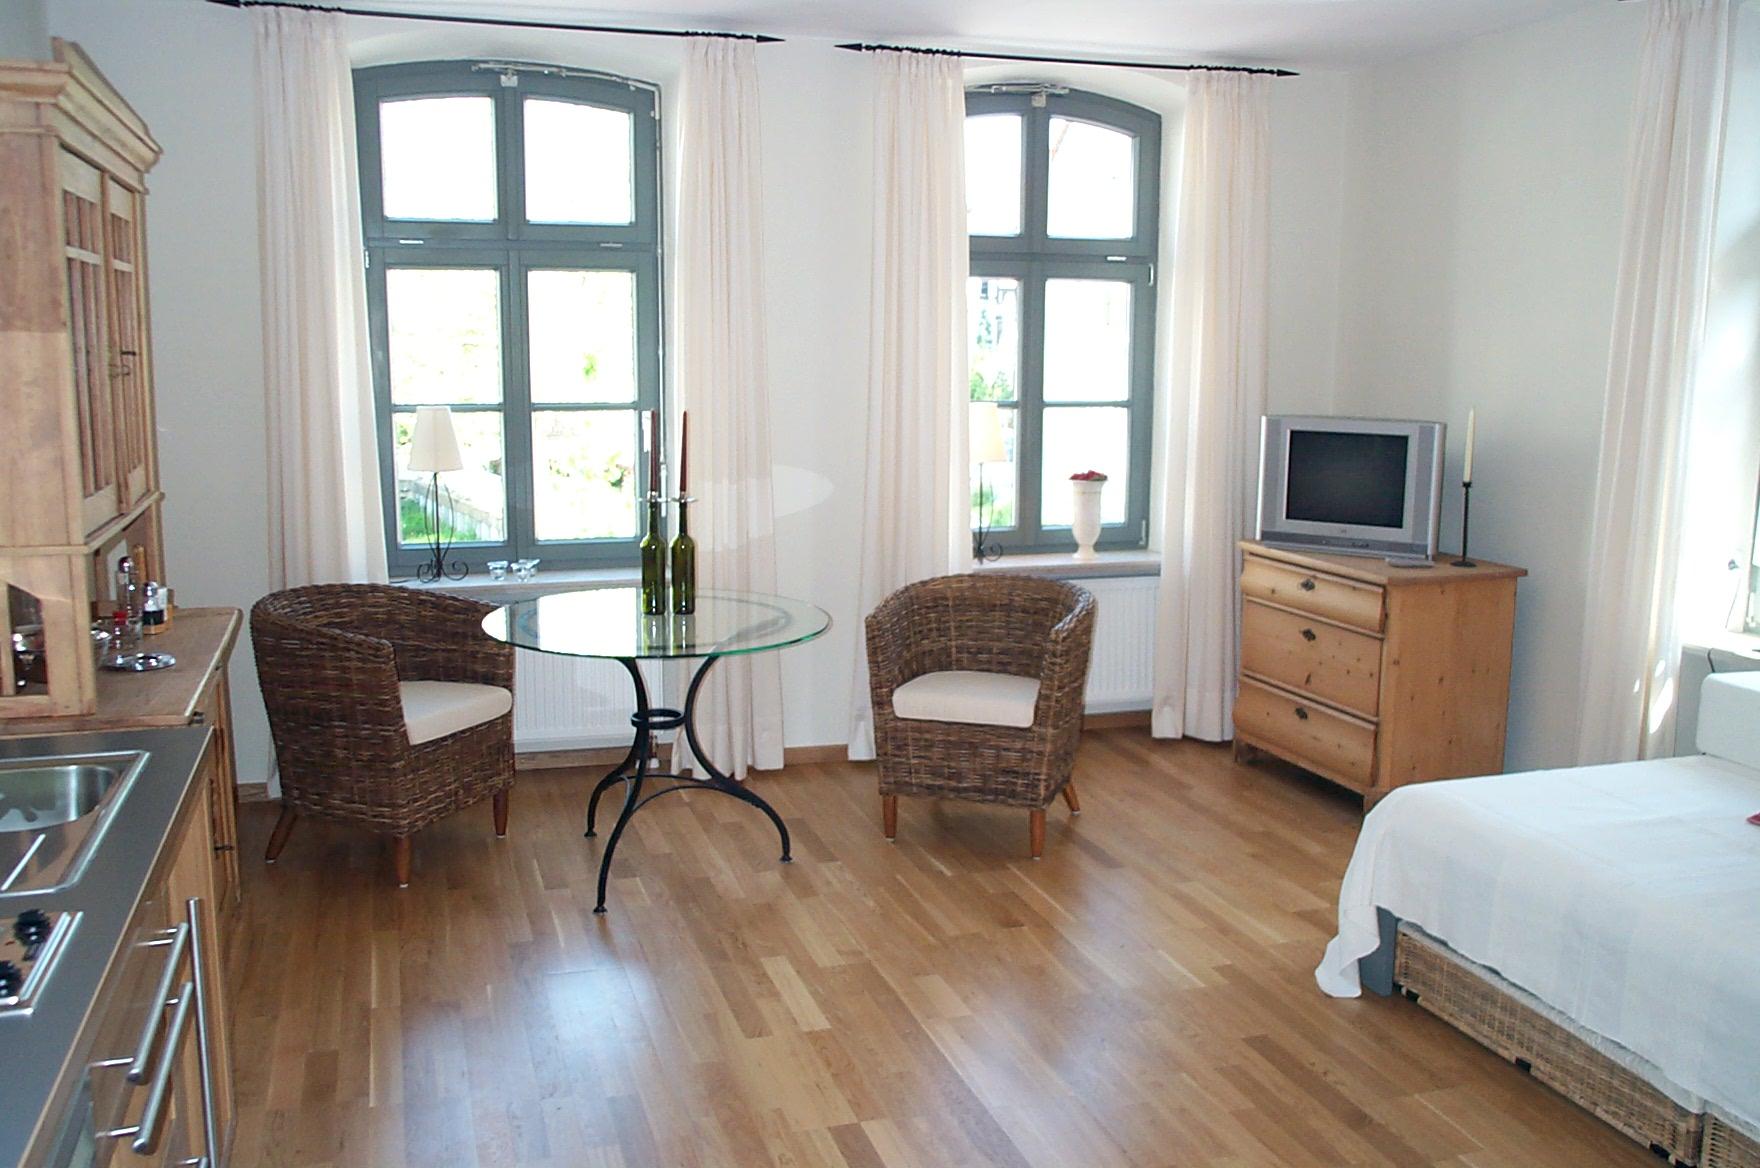 weitzel-boardinghouse-appart-rathausplatz-ok-04